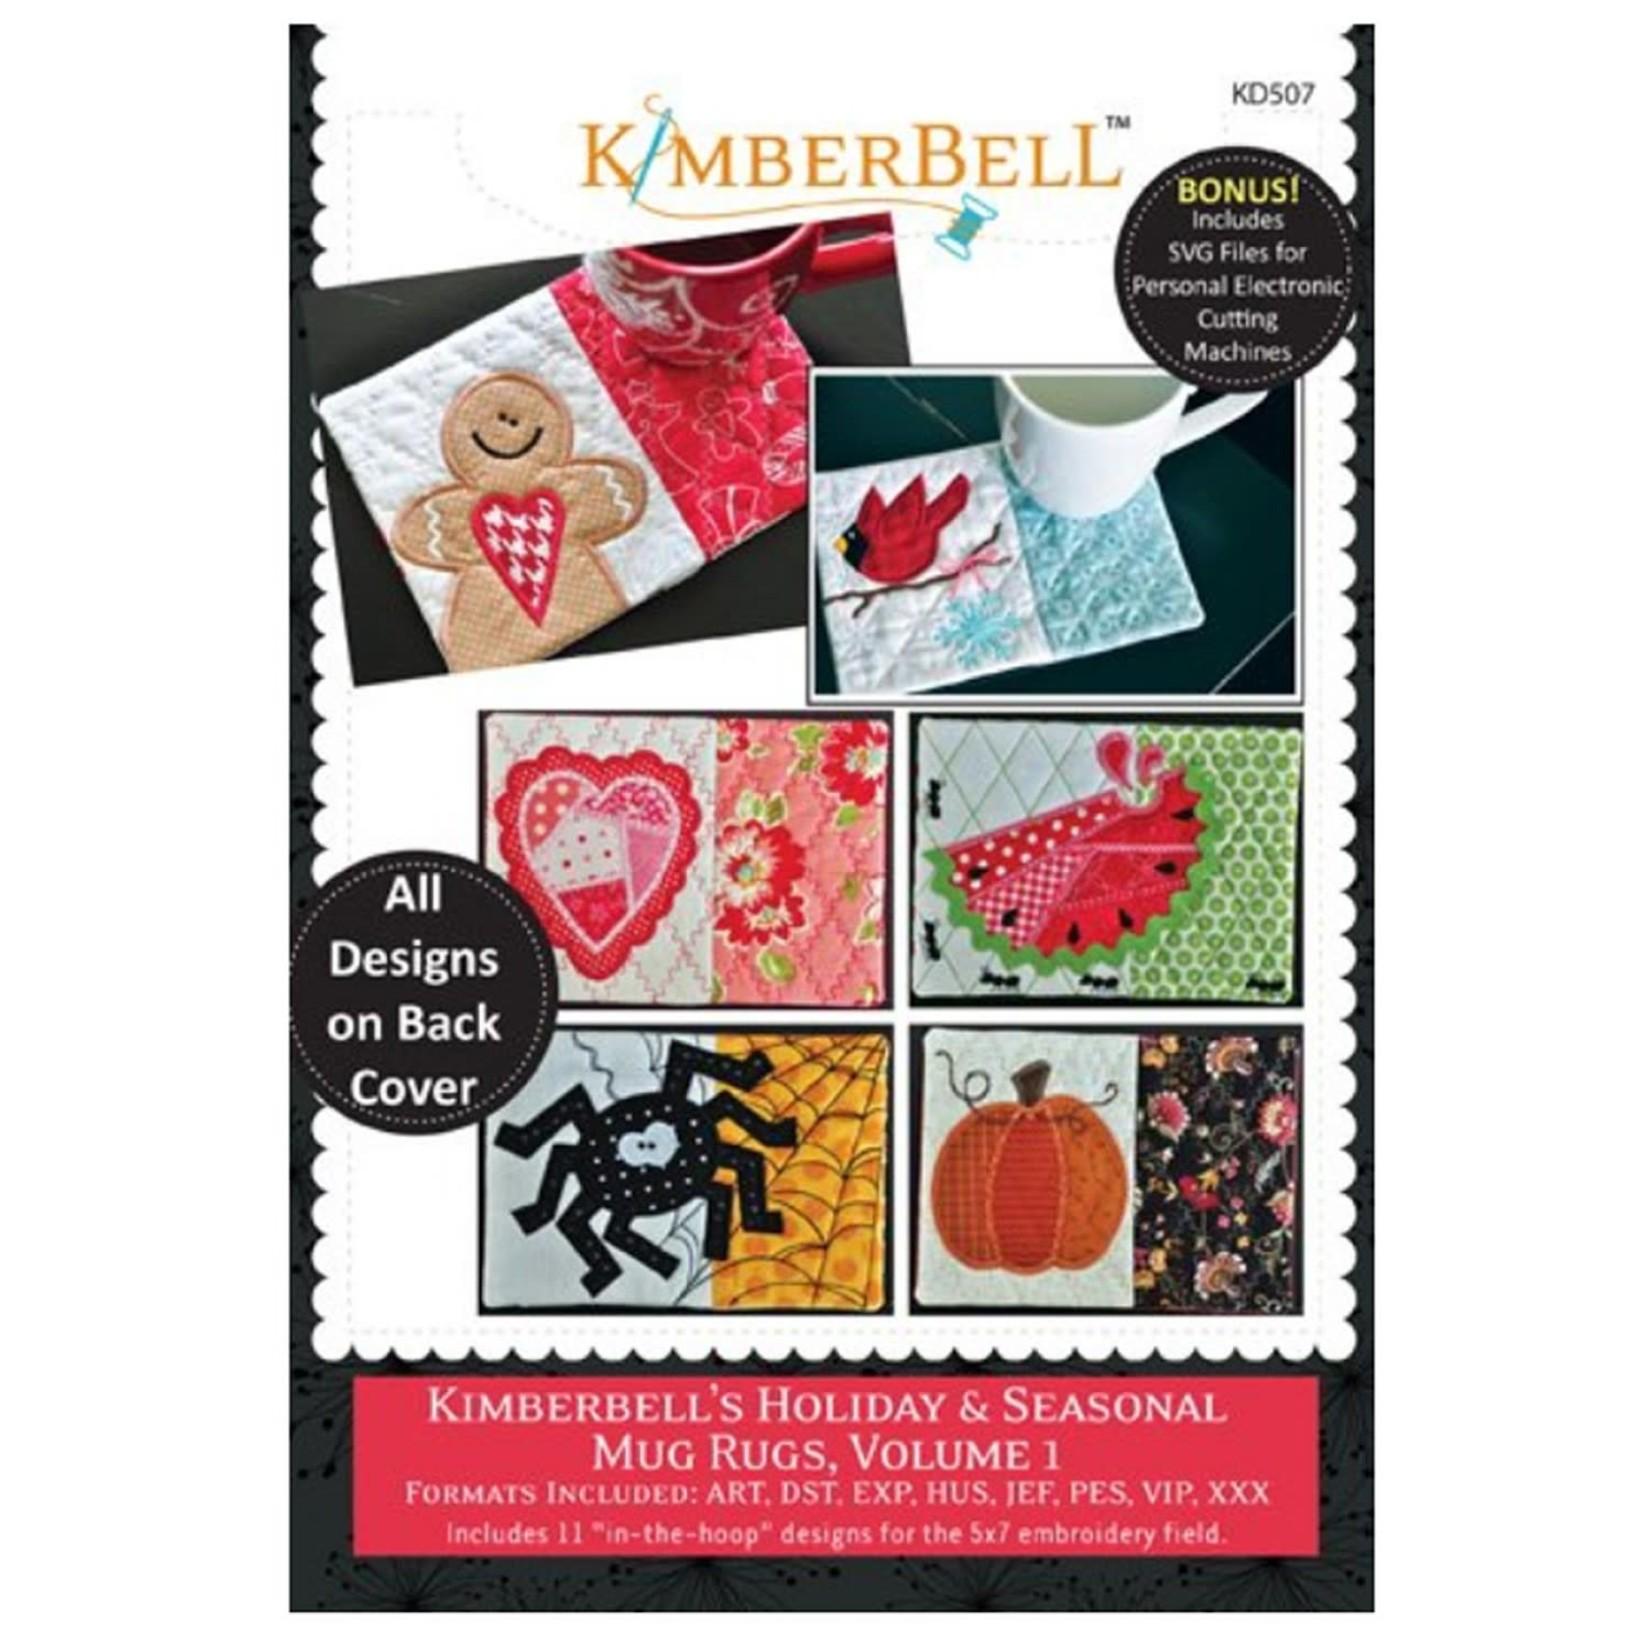 KIMBERBELL DESIGNS Kimberbell's Holiday & Seasonal Mug Rugs, Volume 1